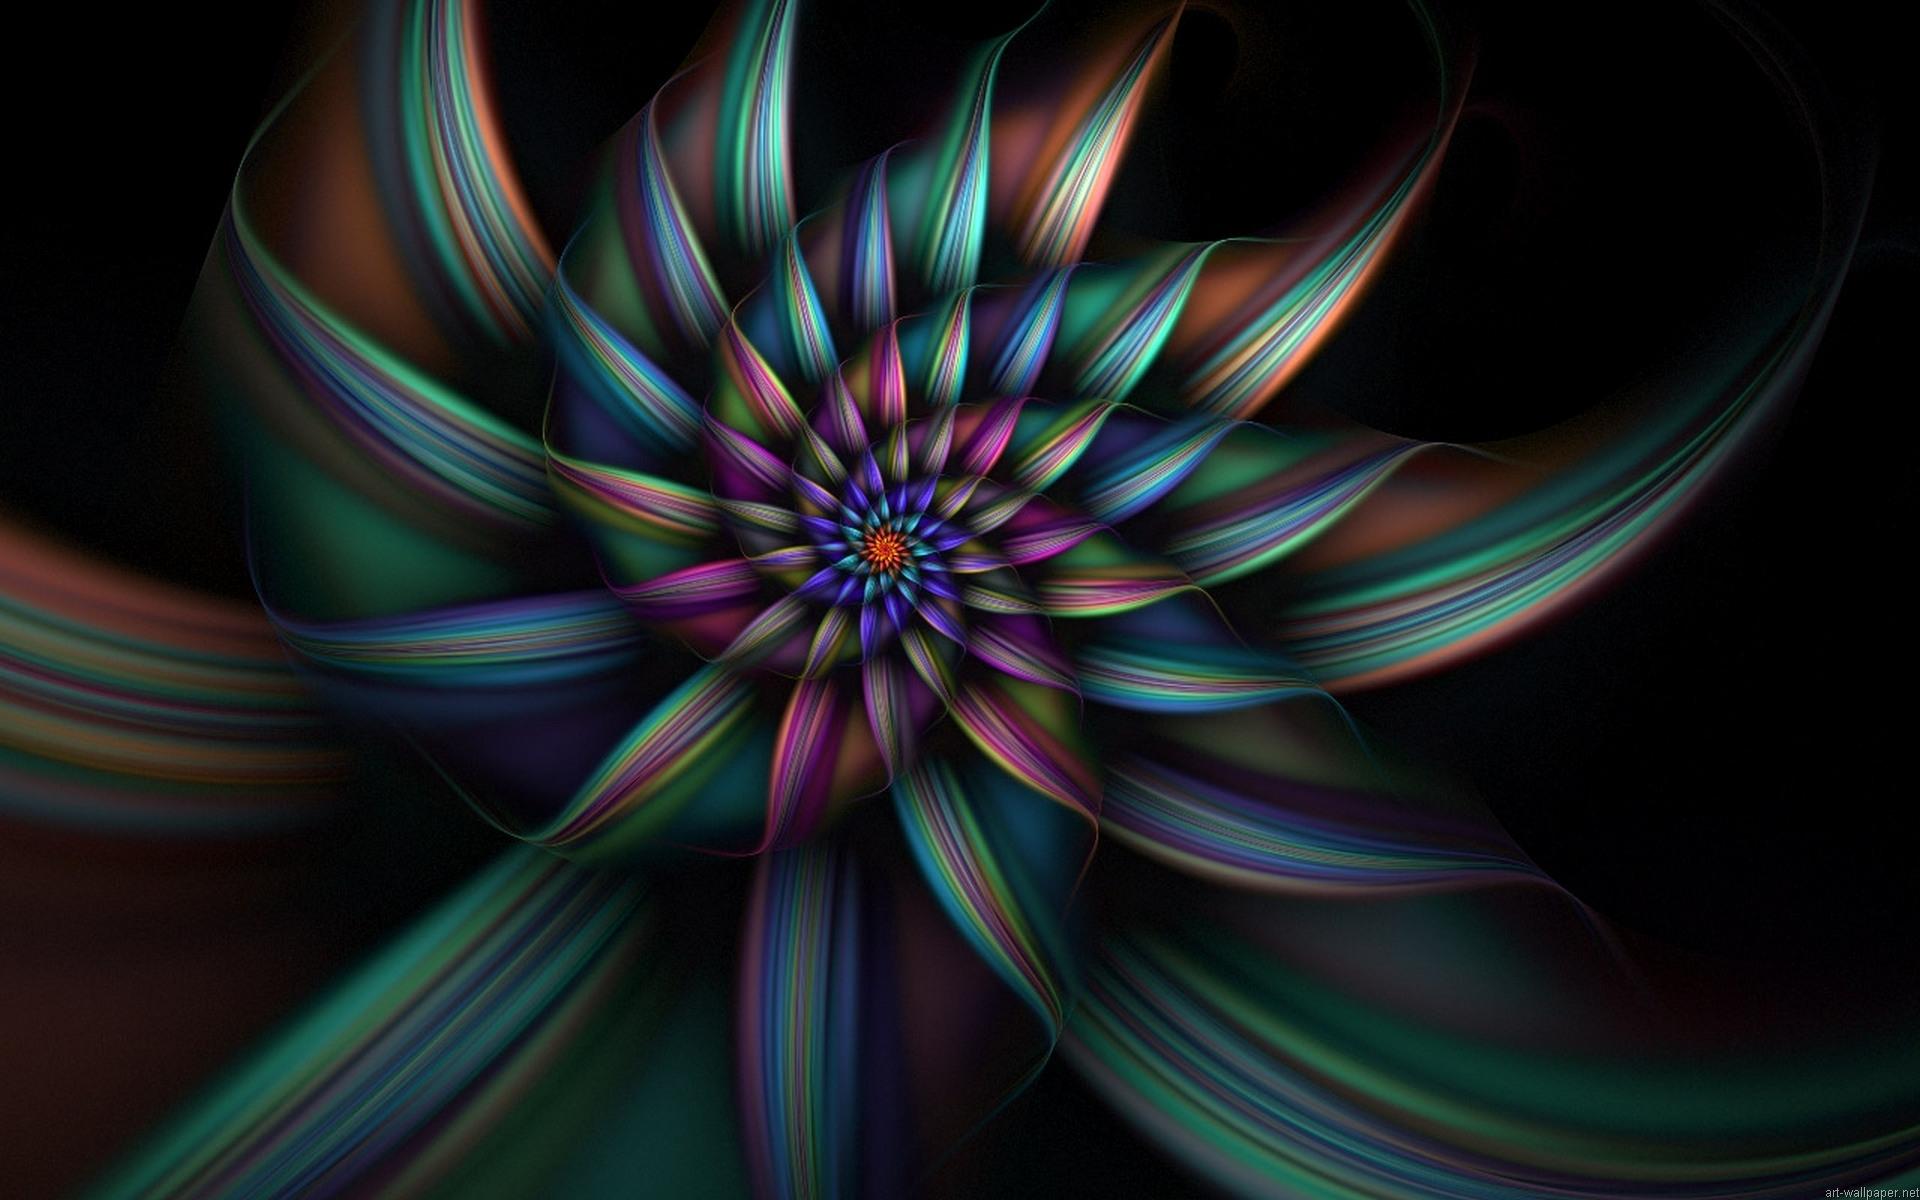 Abstract Wallpaper Art Widescreen Desktop Backgrounds 1920x1200 1920x1200